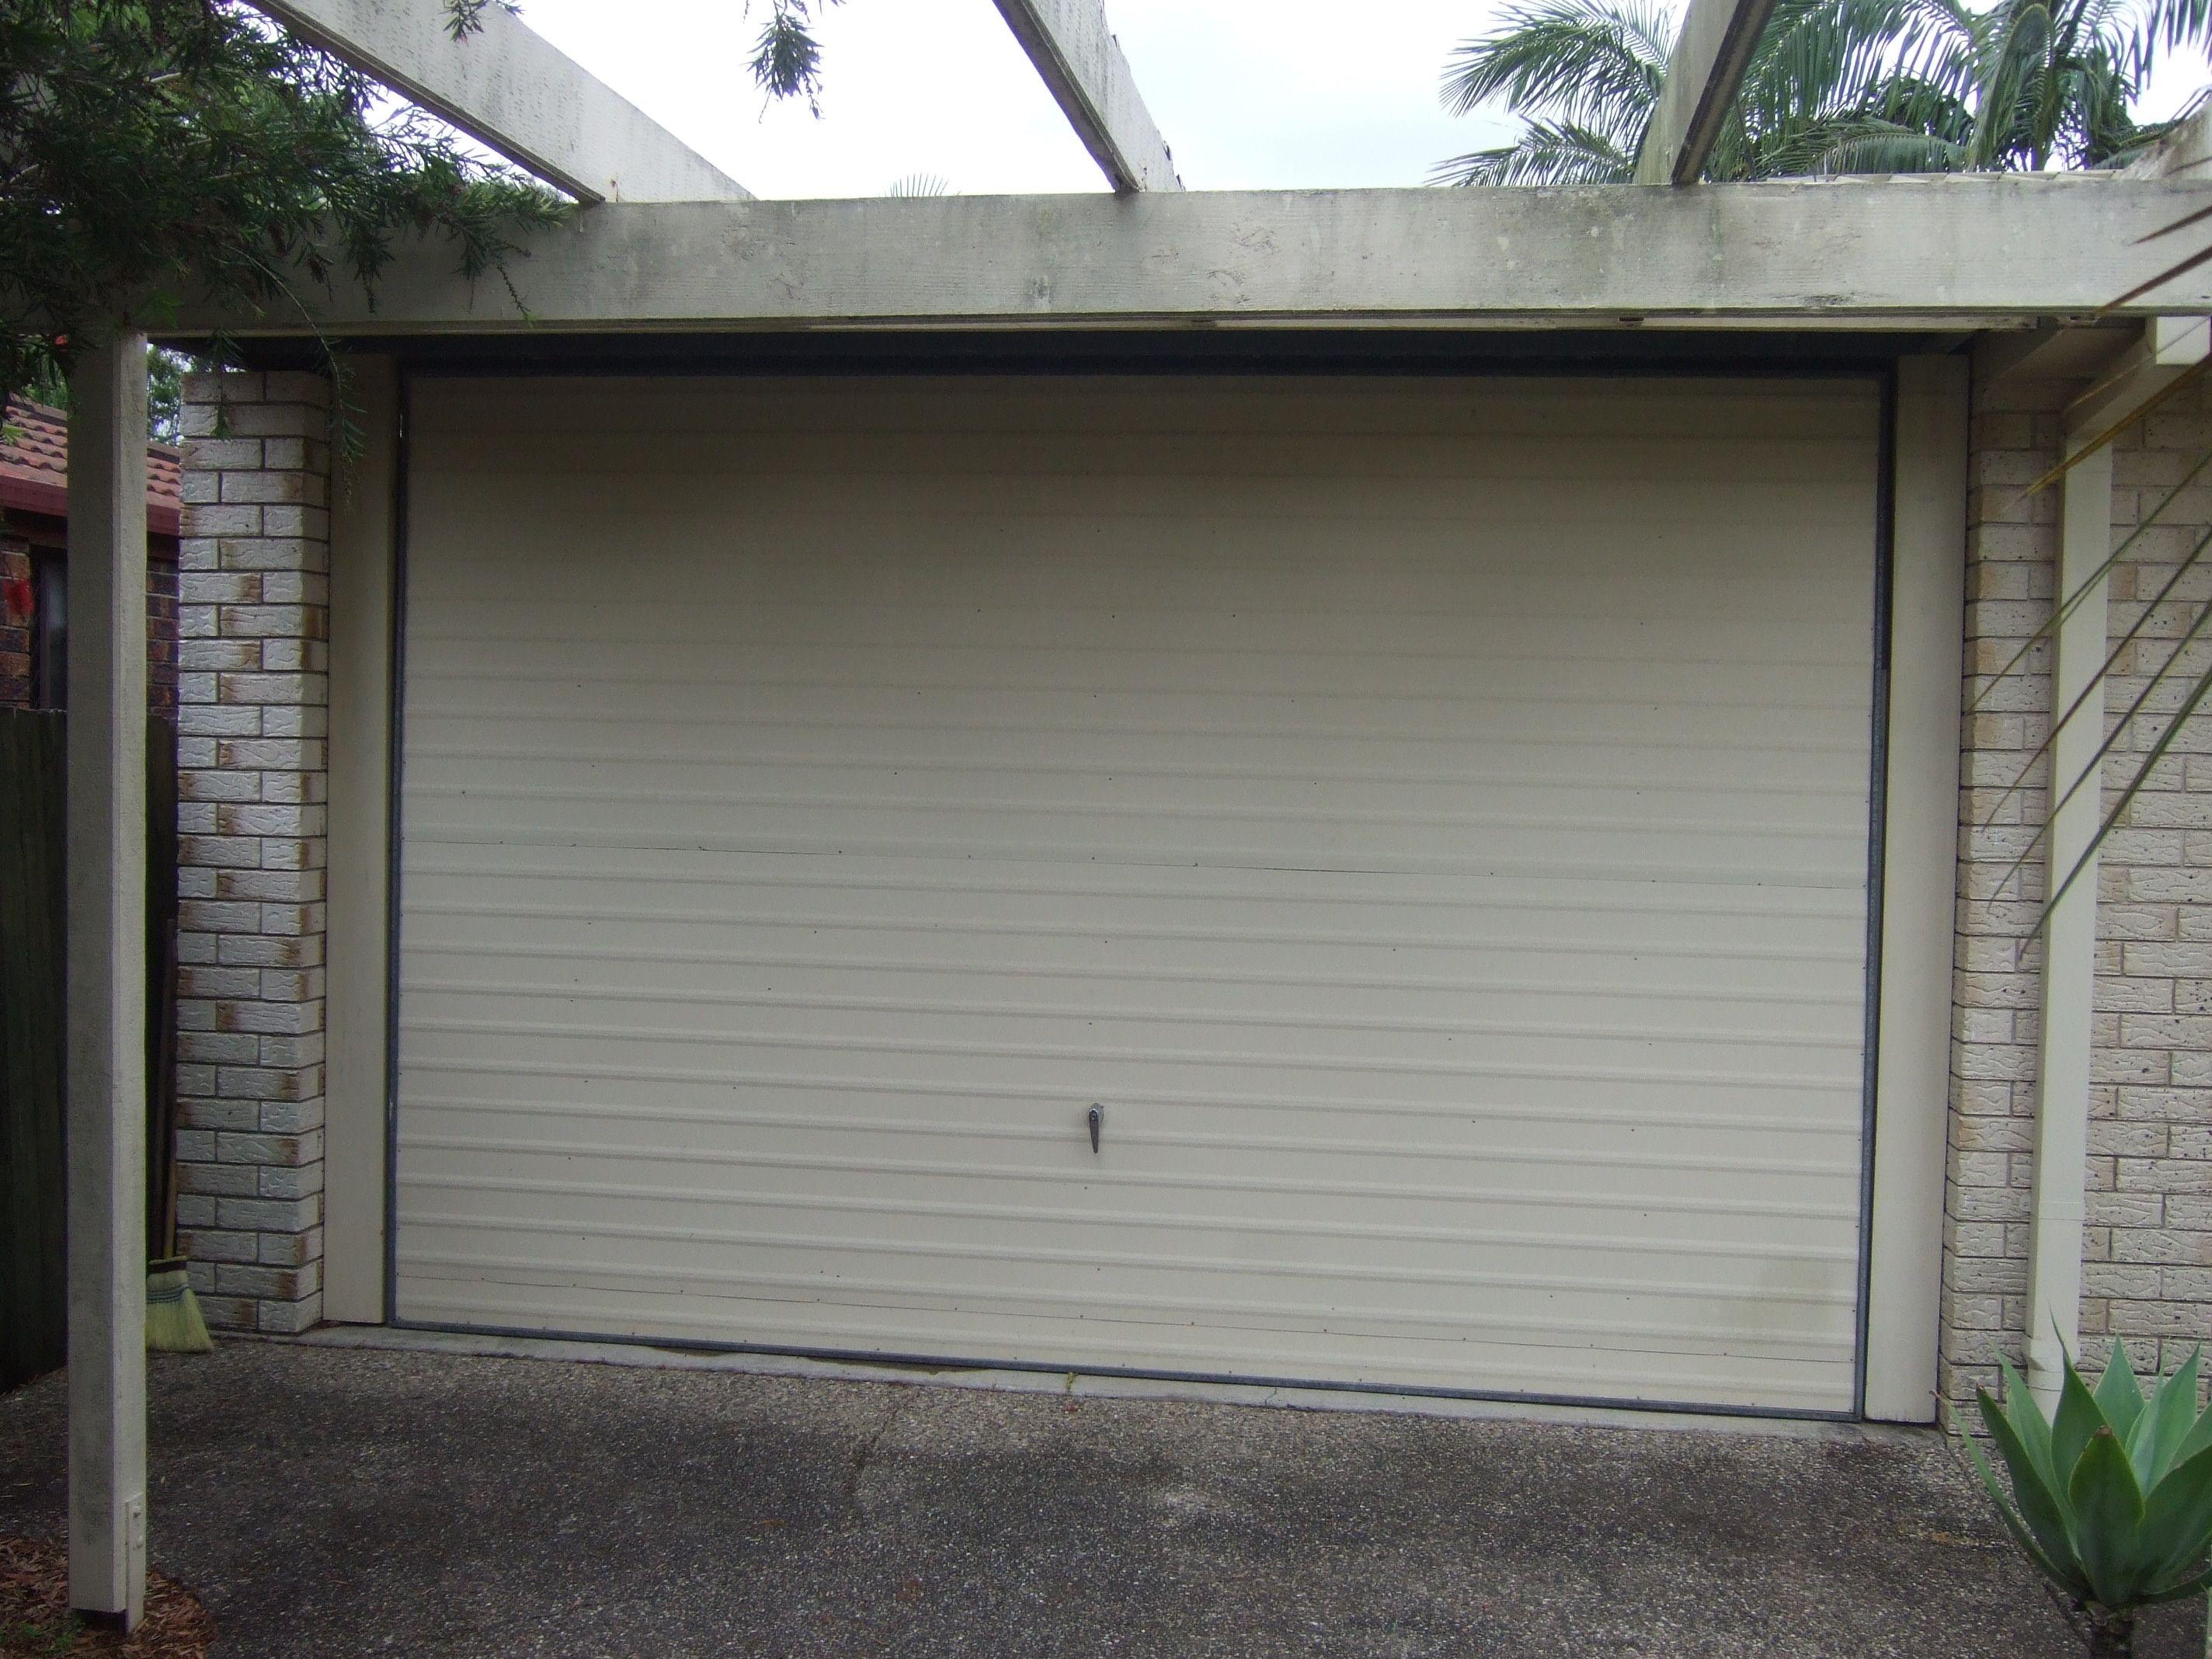 Orca Automatic Garage Door Opener Tilt Door & Orca Automatic Garage Door Opener Tilt Door   http://voteno123.com ...